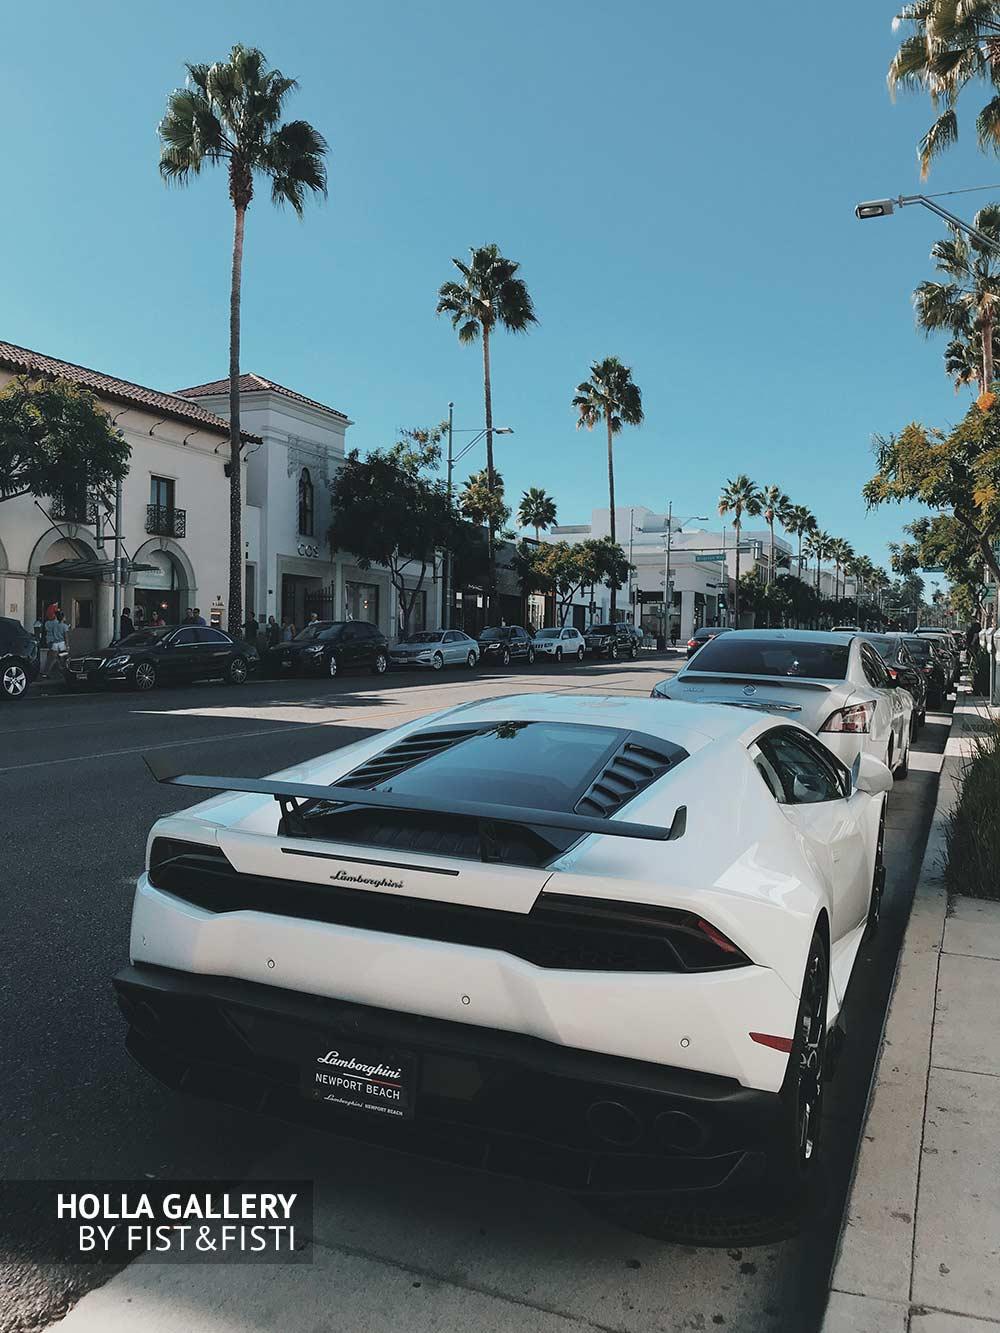 Припаркованная белая lamborghini среди пальм в Newport Beach. Плакат на стену. Спортивный автомобиль